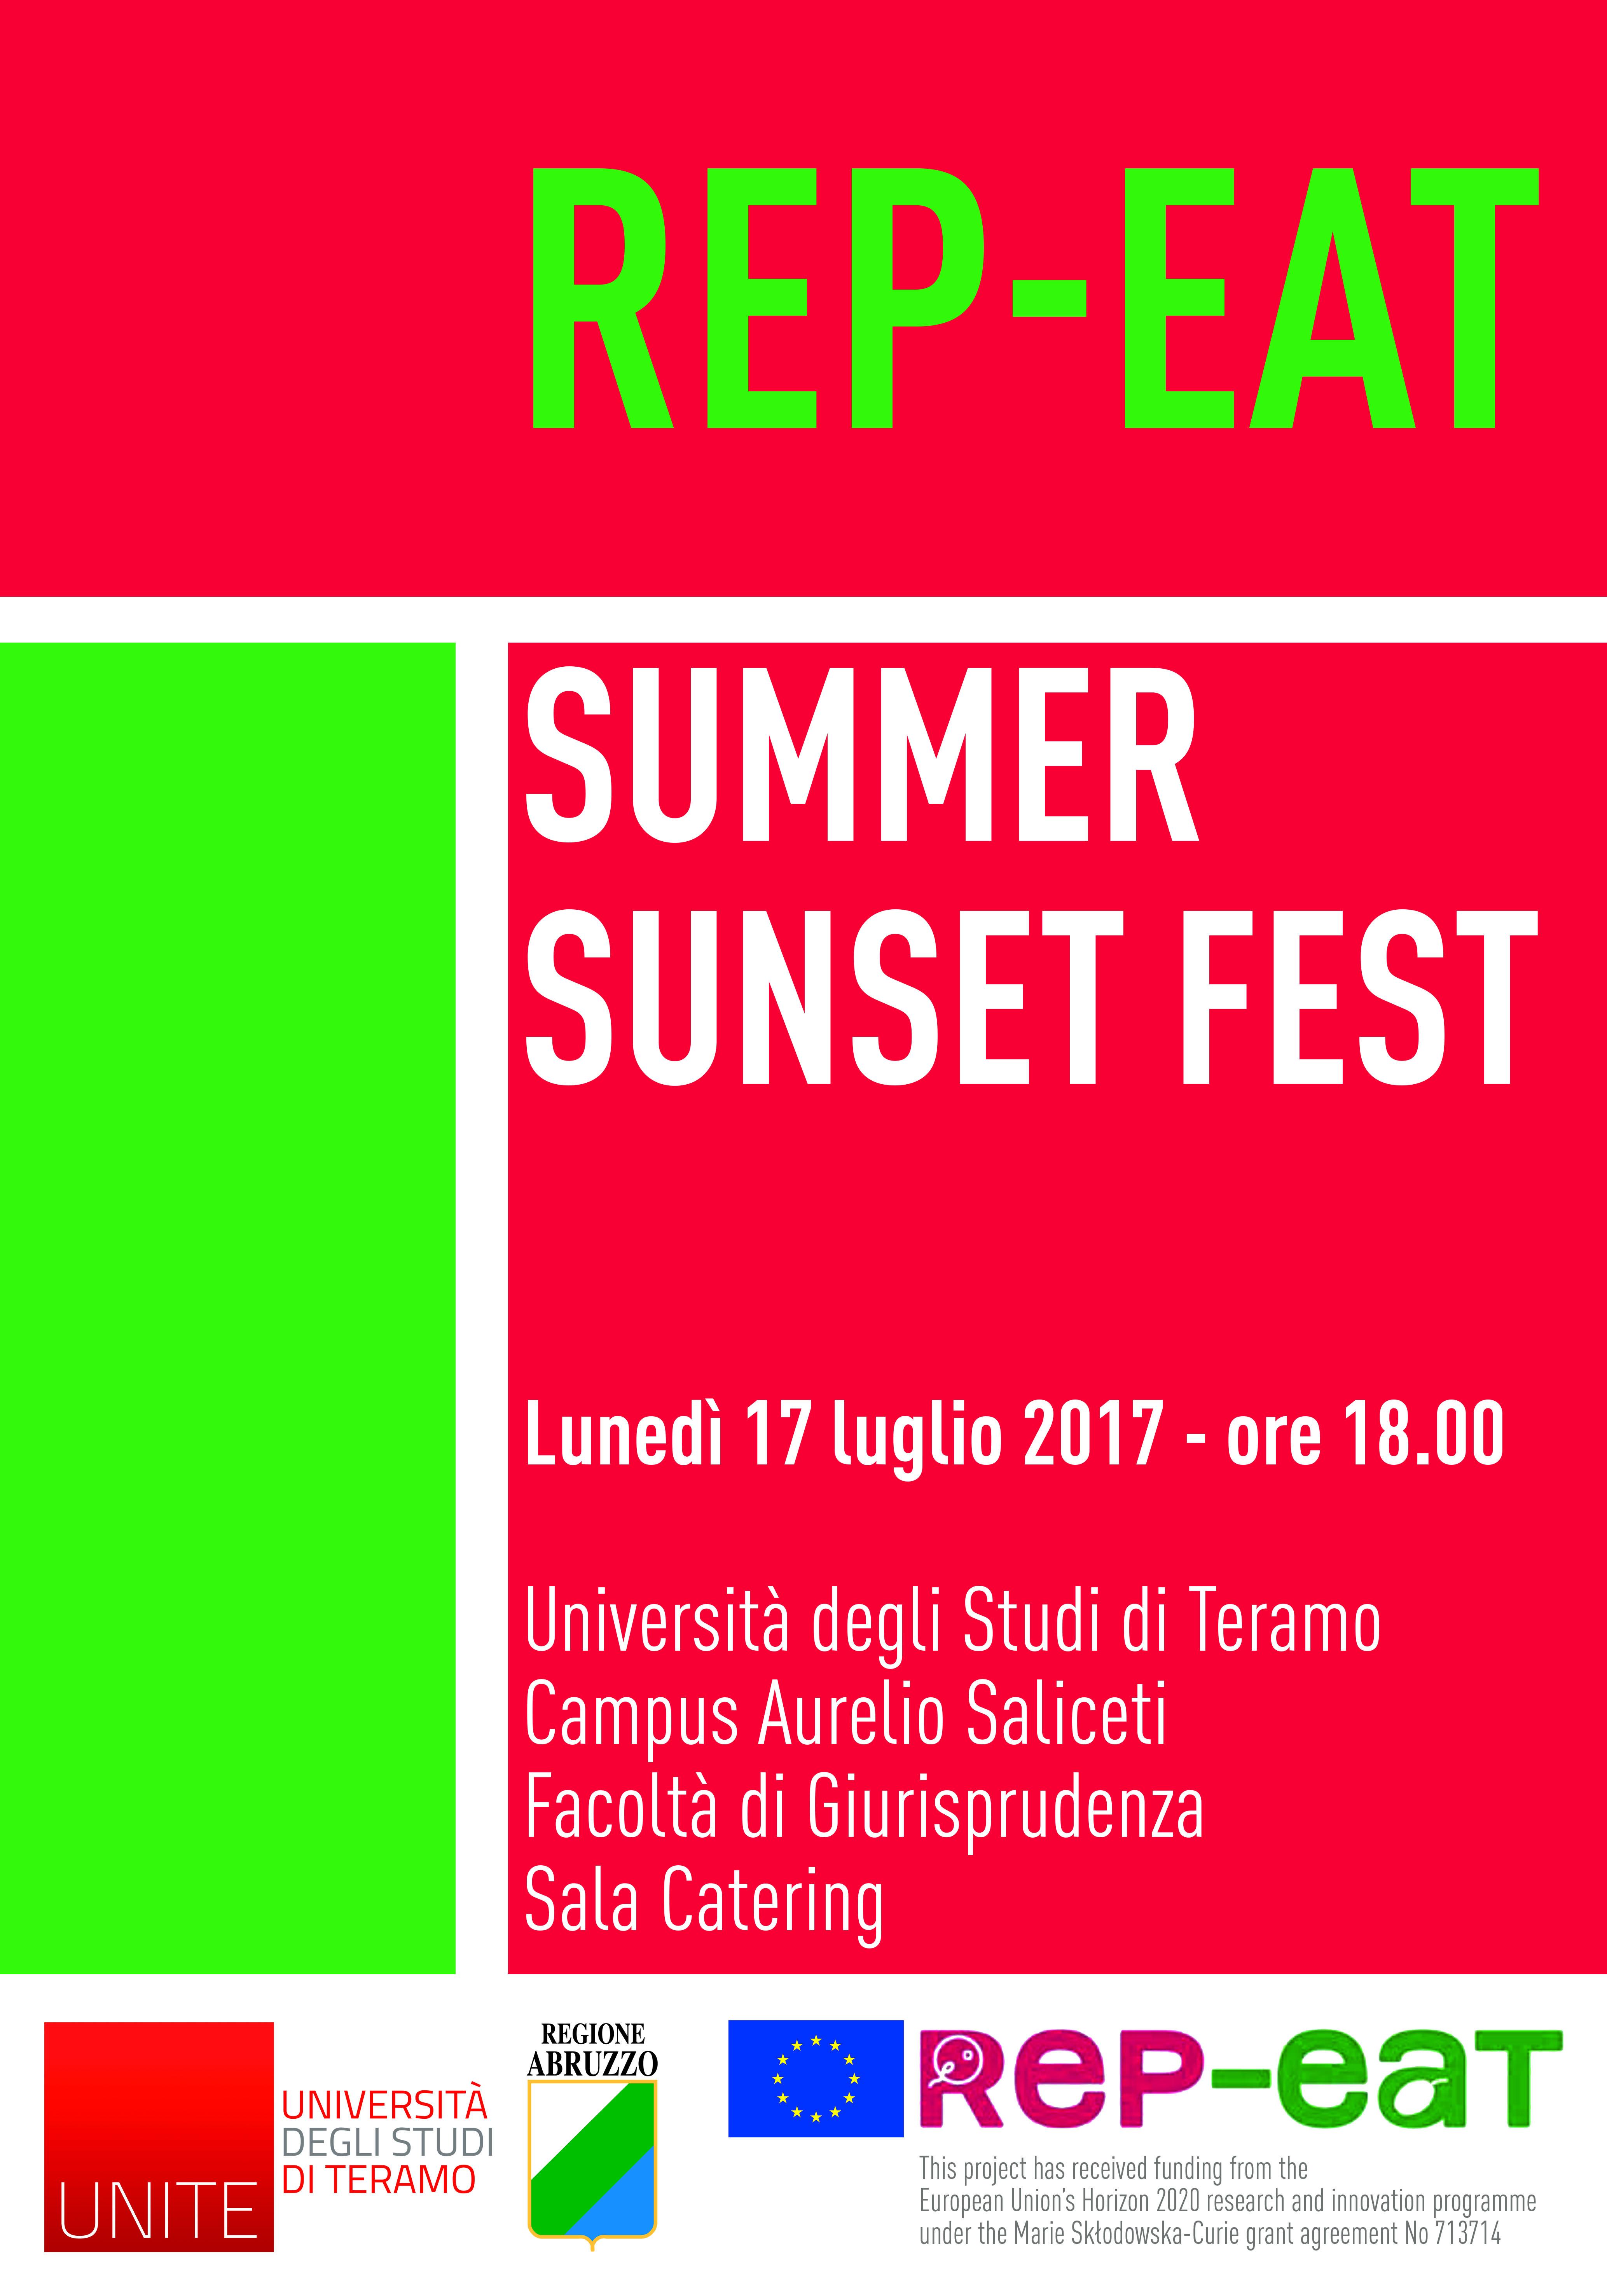 Rep-eat Summer Sunset Fest